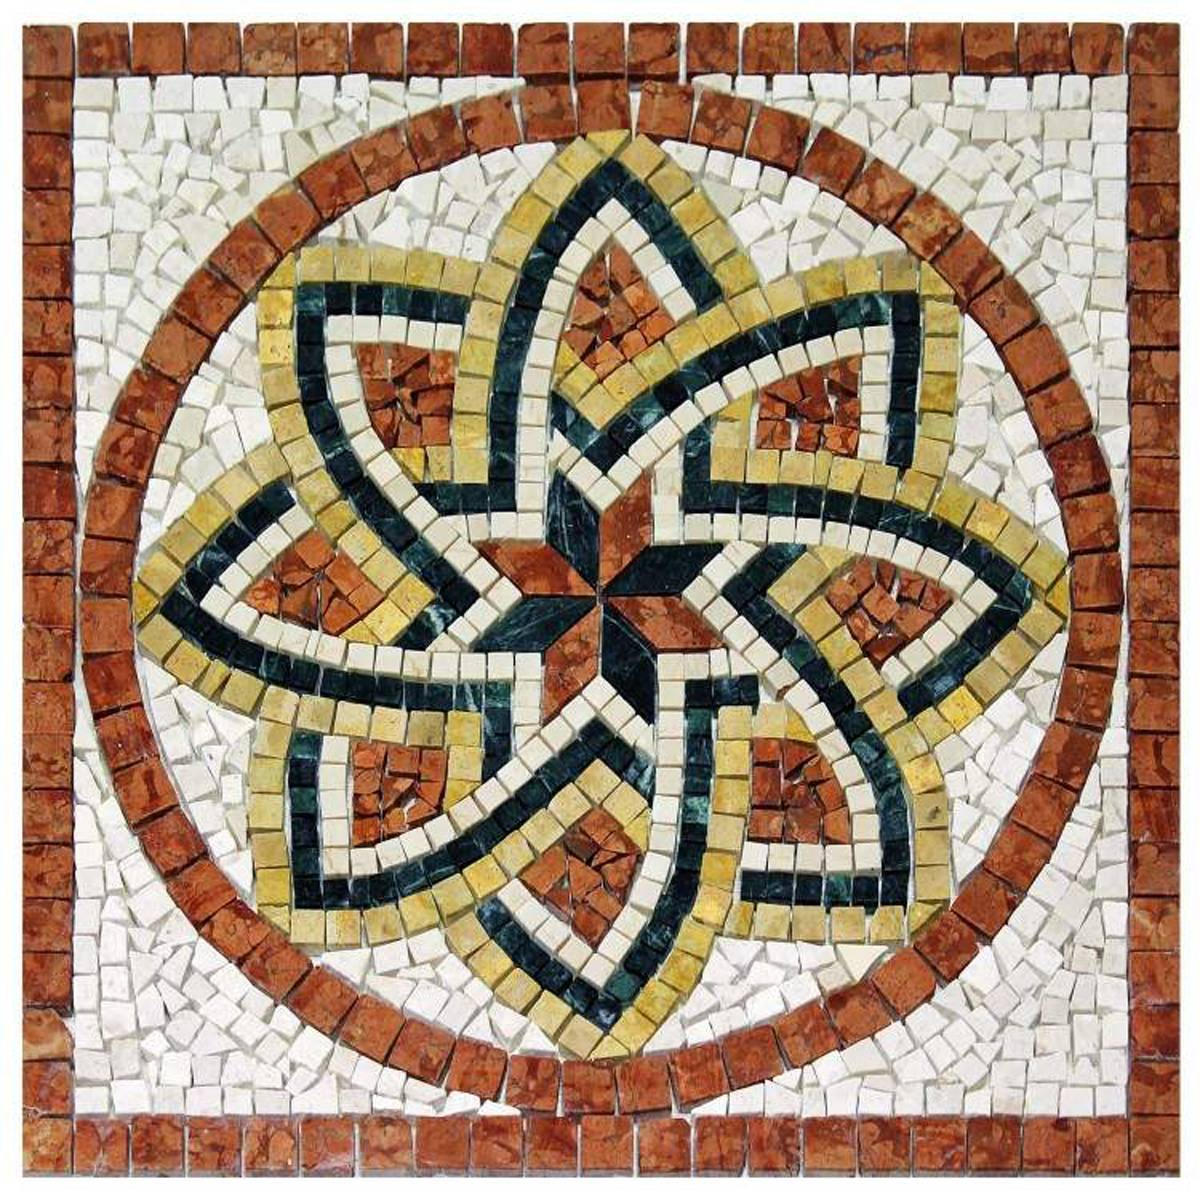 Rosoni rosone mosaico in marmo su rete per interni esterni 80x80 florium rosso quaranta store - Mosaico piastrelle ...